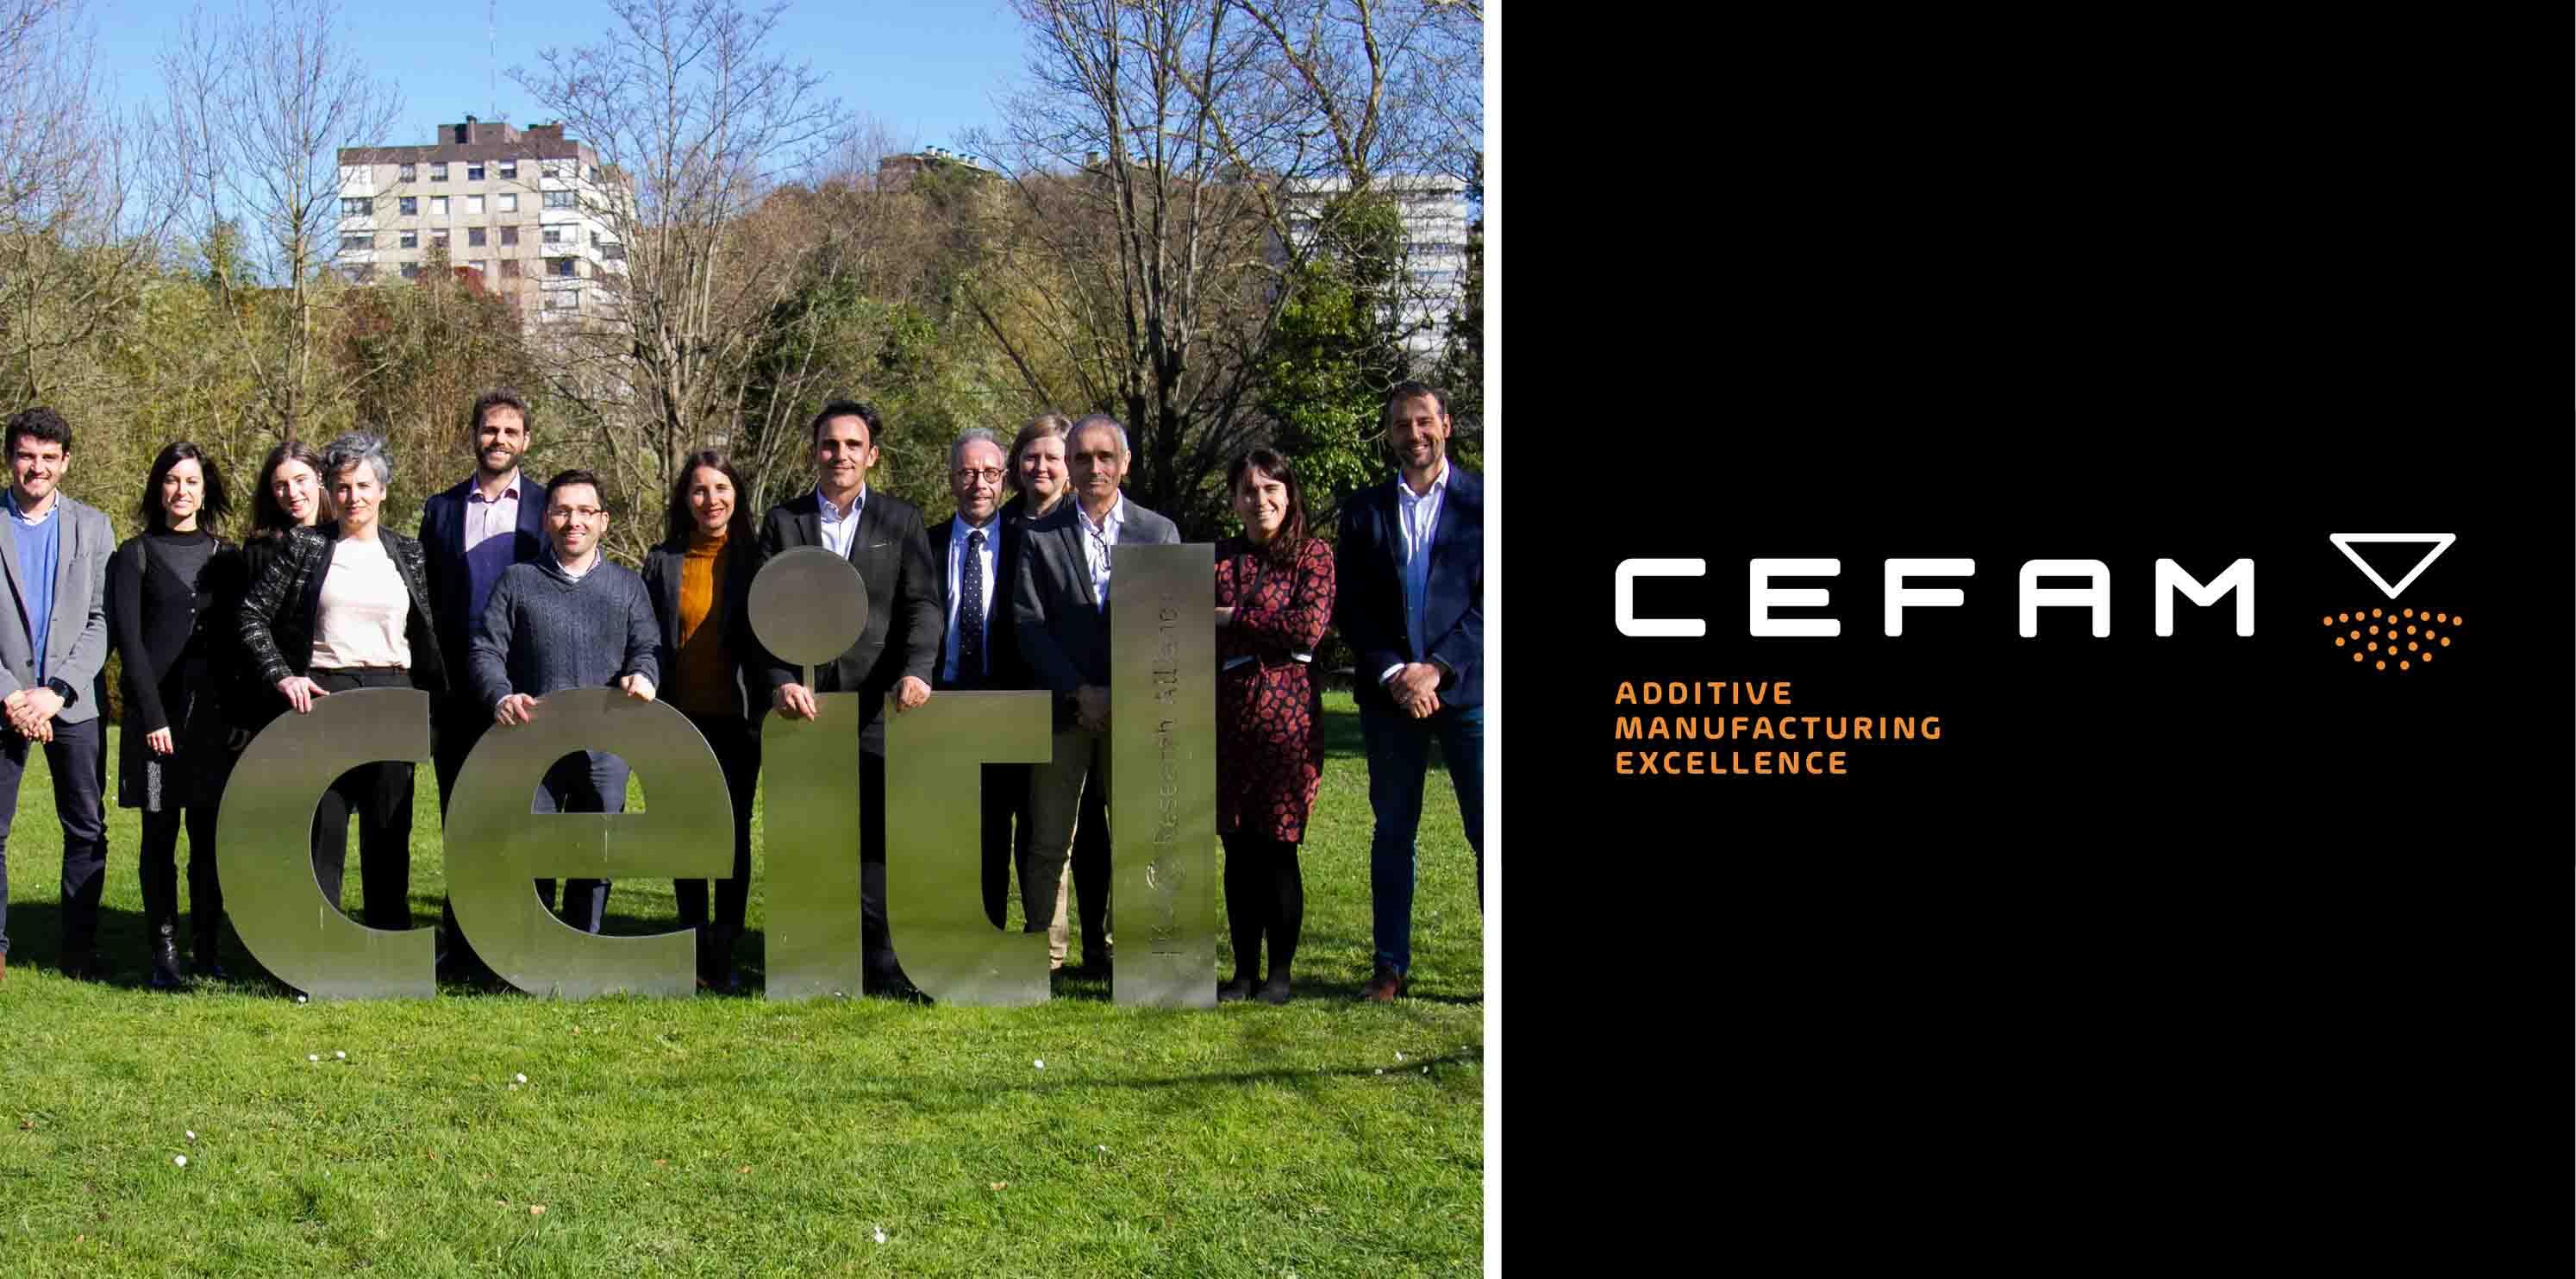 Arranca el proyecto CEFAM para fortalecer la fabricación aditiva